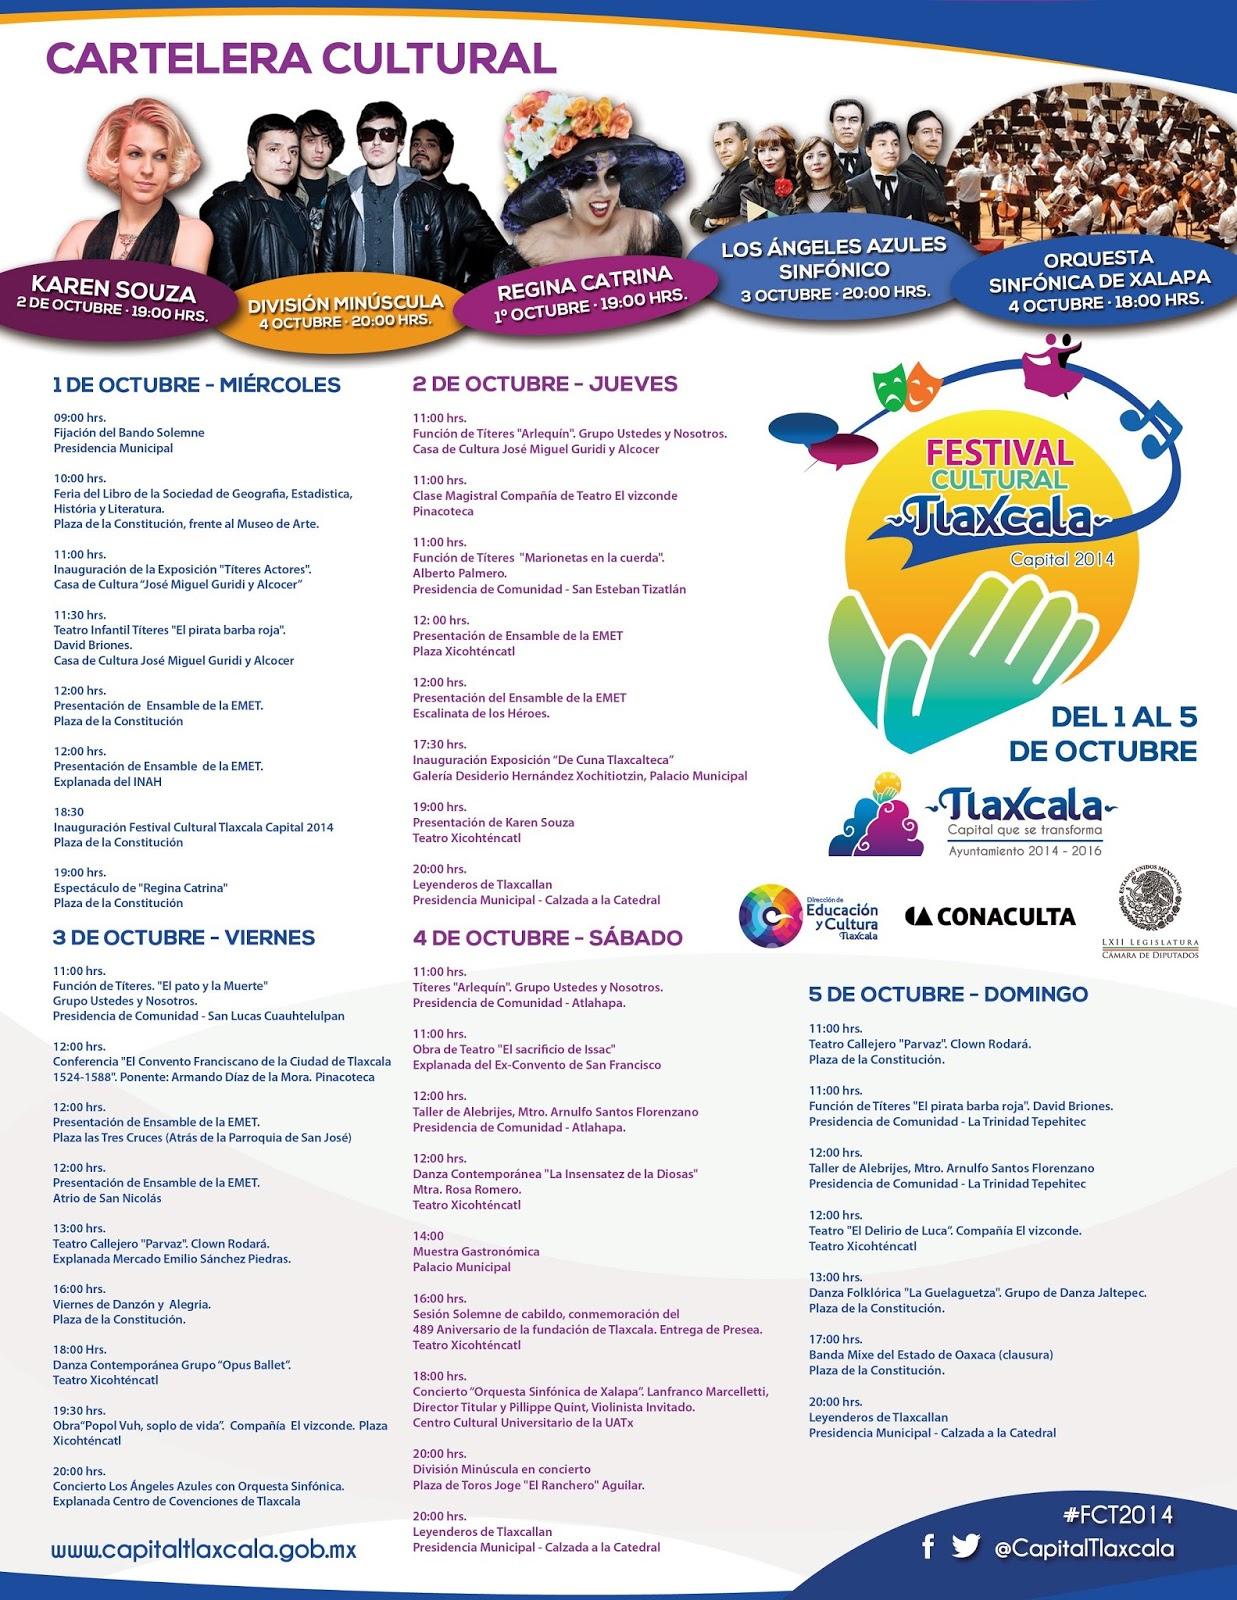 Festival Cultural Tlaxcala boletos División minúscula 2014